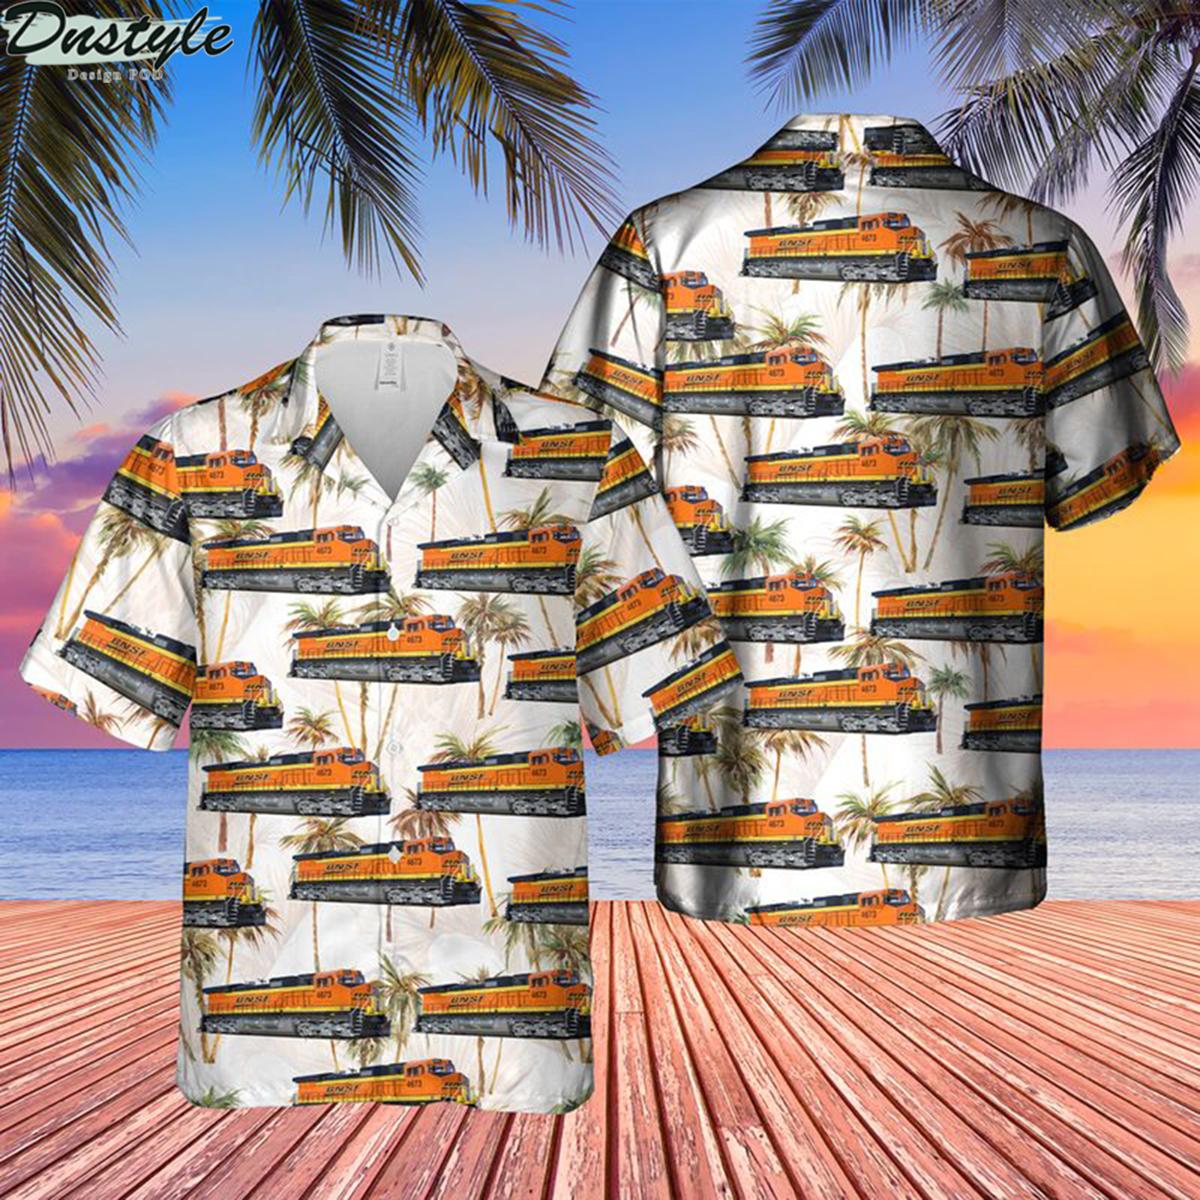 BNSF railway ge dash 9-44cw locomotive hawaiian shirt 1